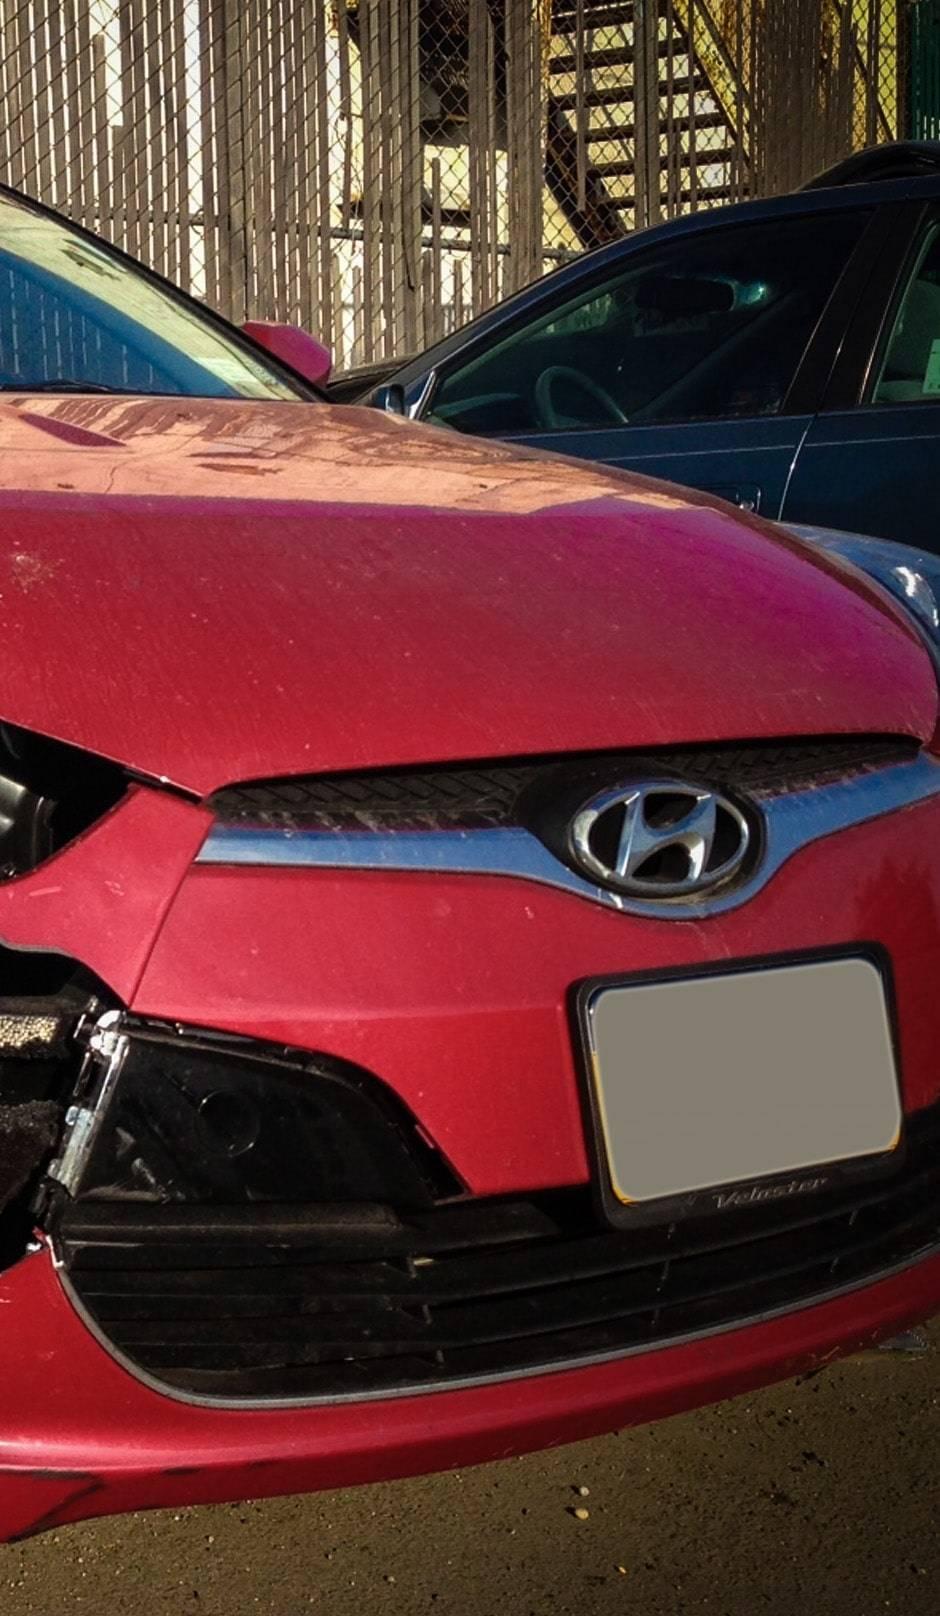 Scrap my Hyundai car